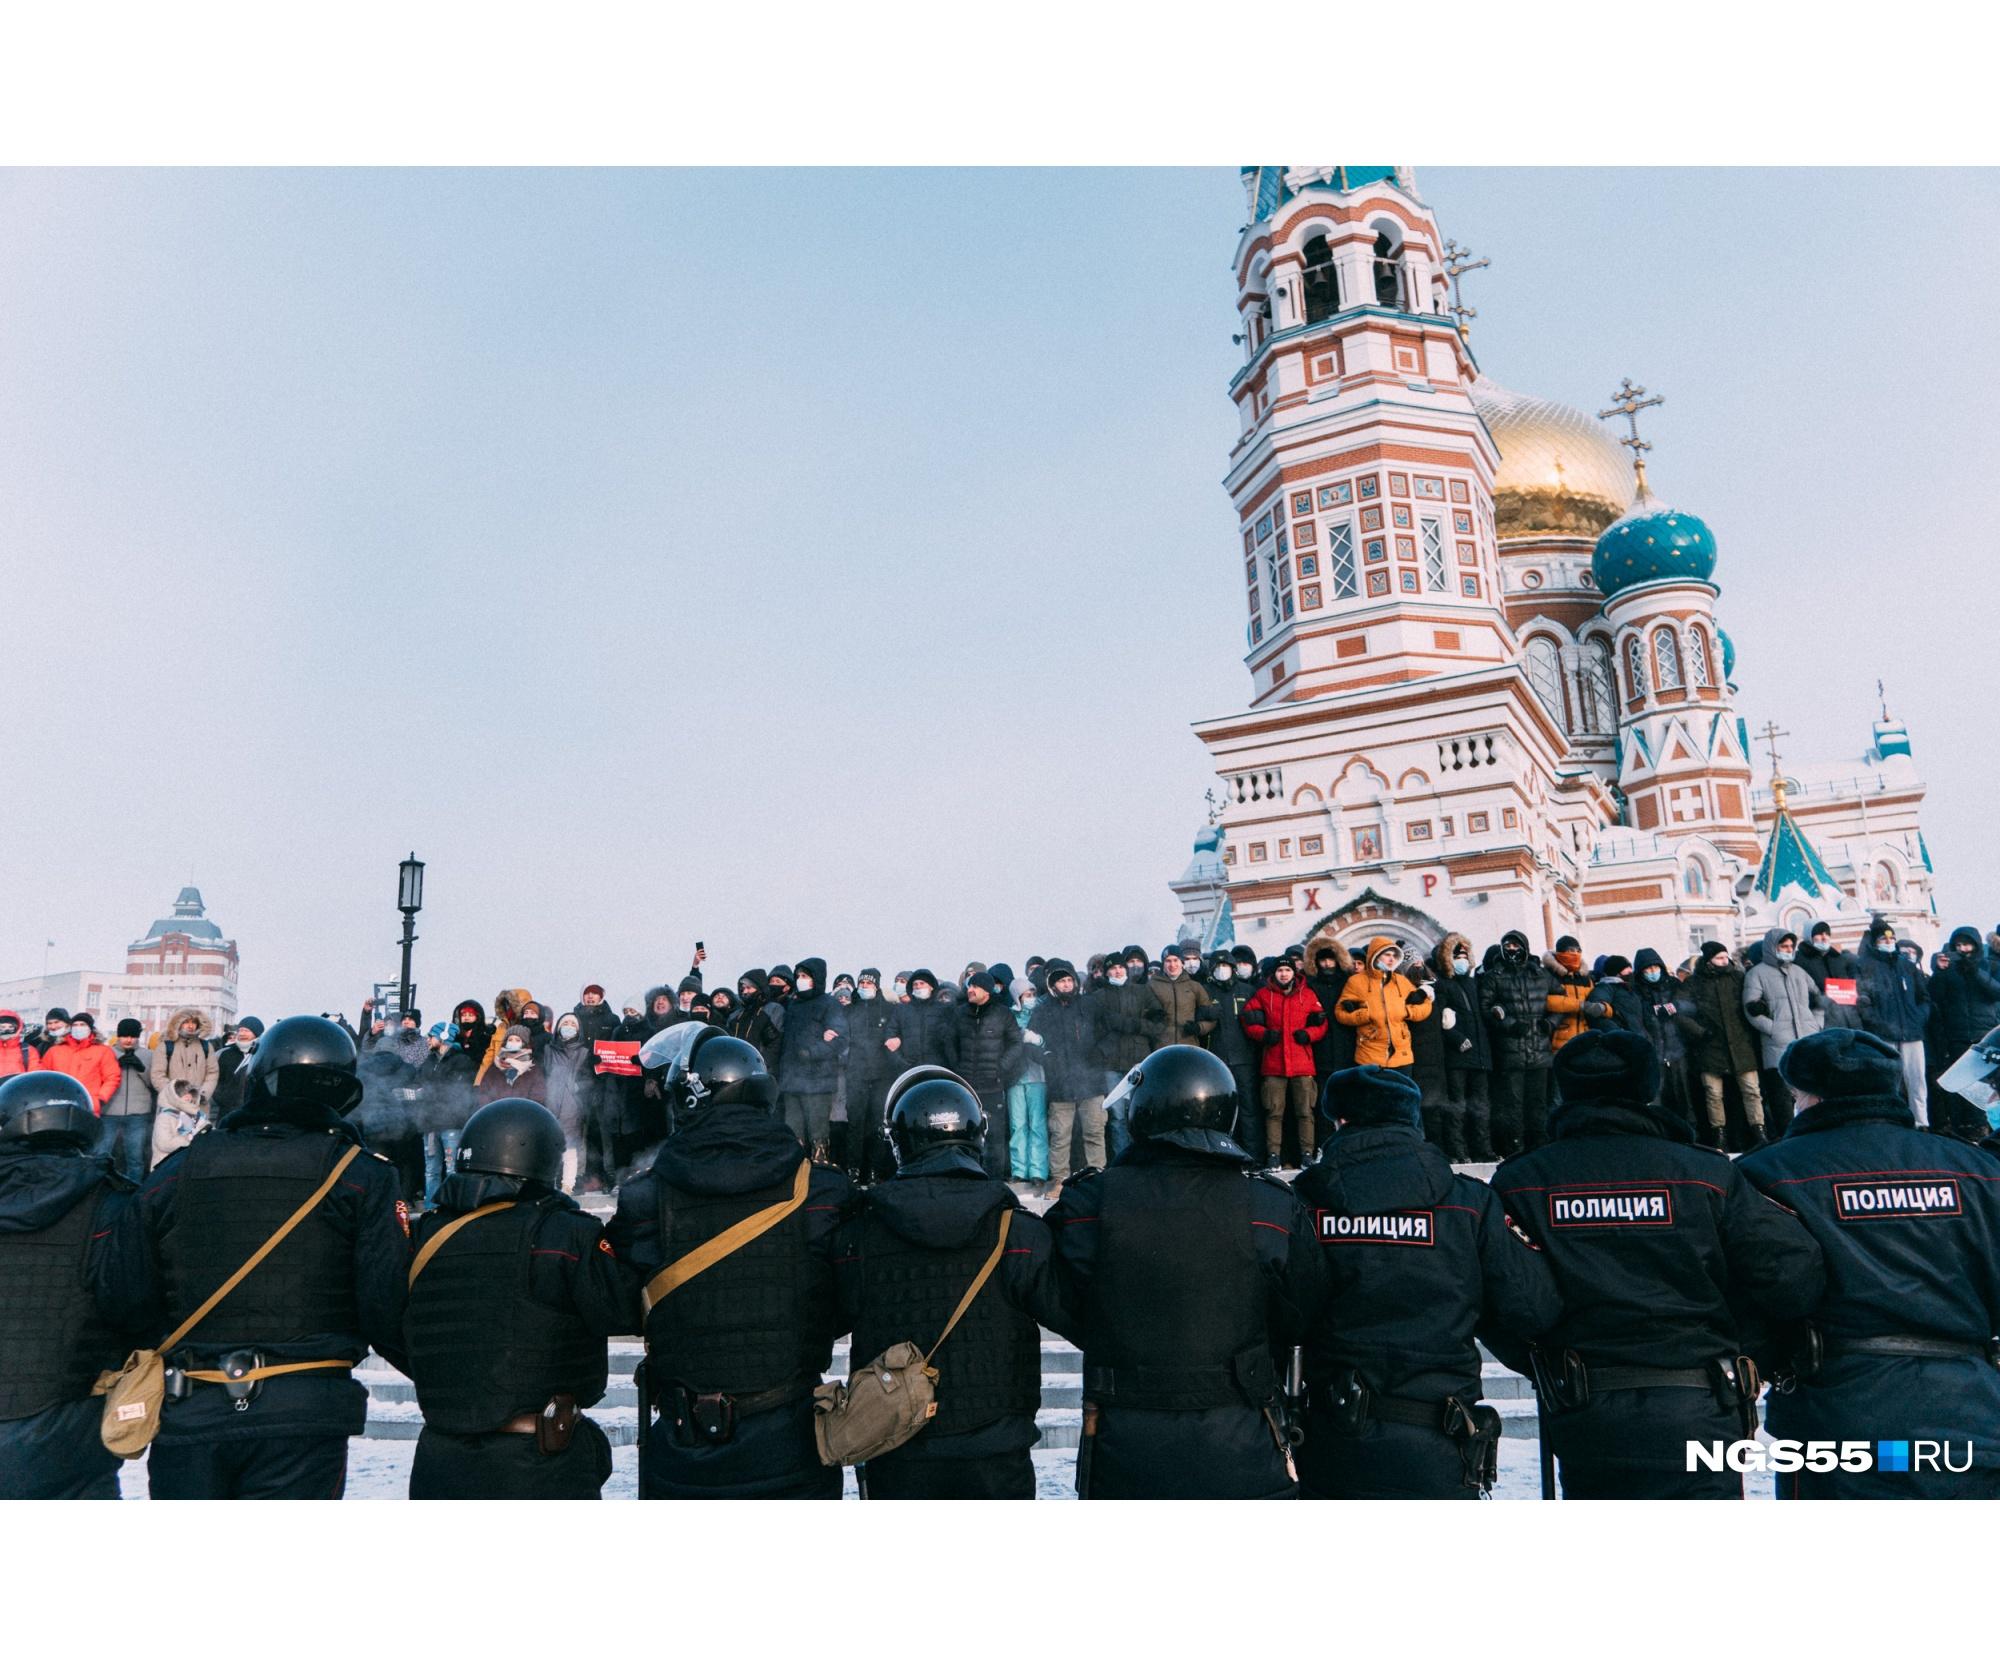 Со временем полицейские и митингующие дистанцировались друг от друга